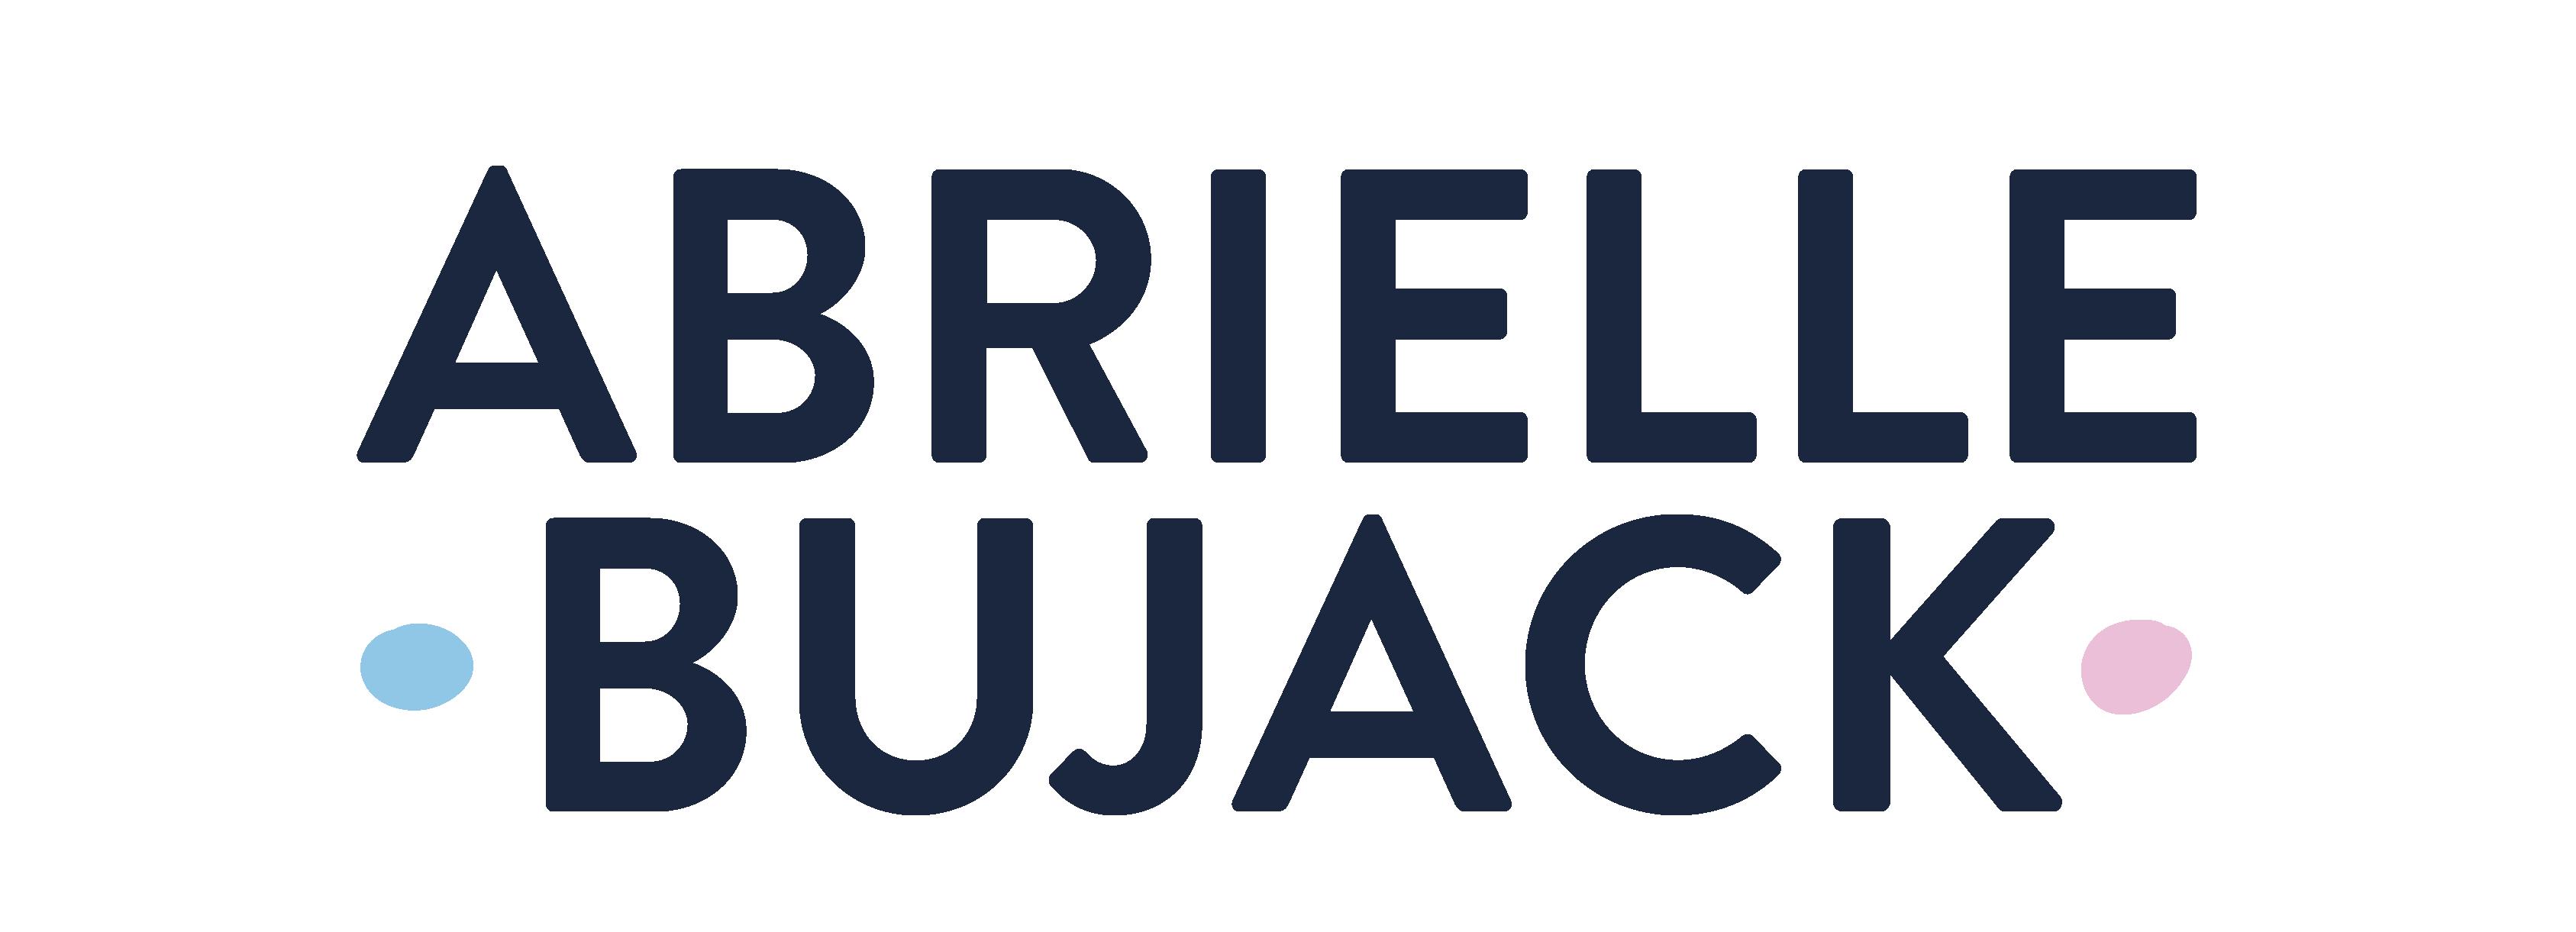 Abrielle Bujack